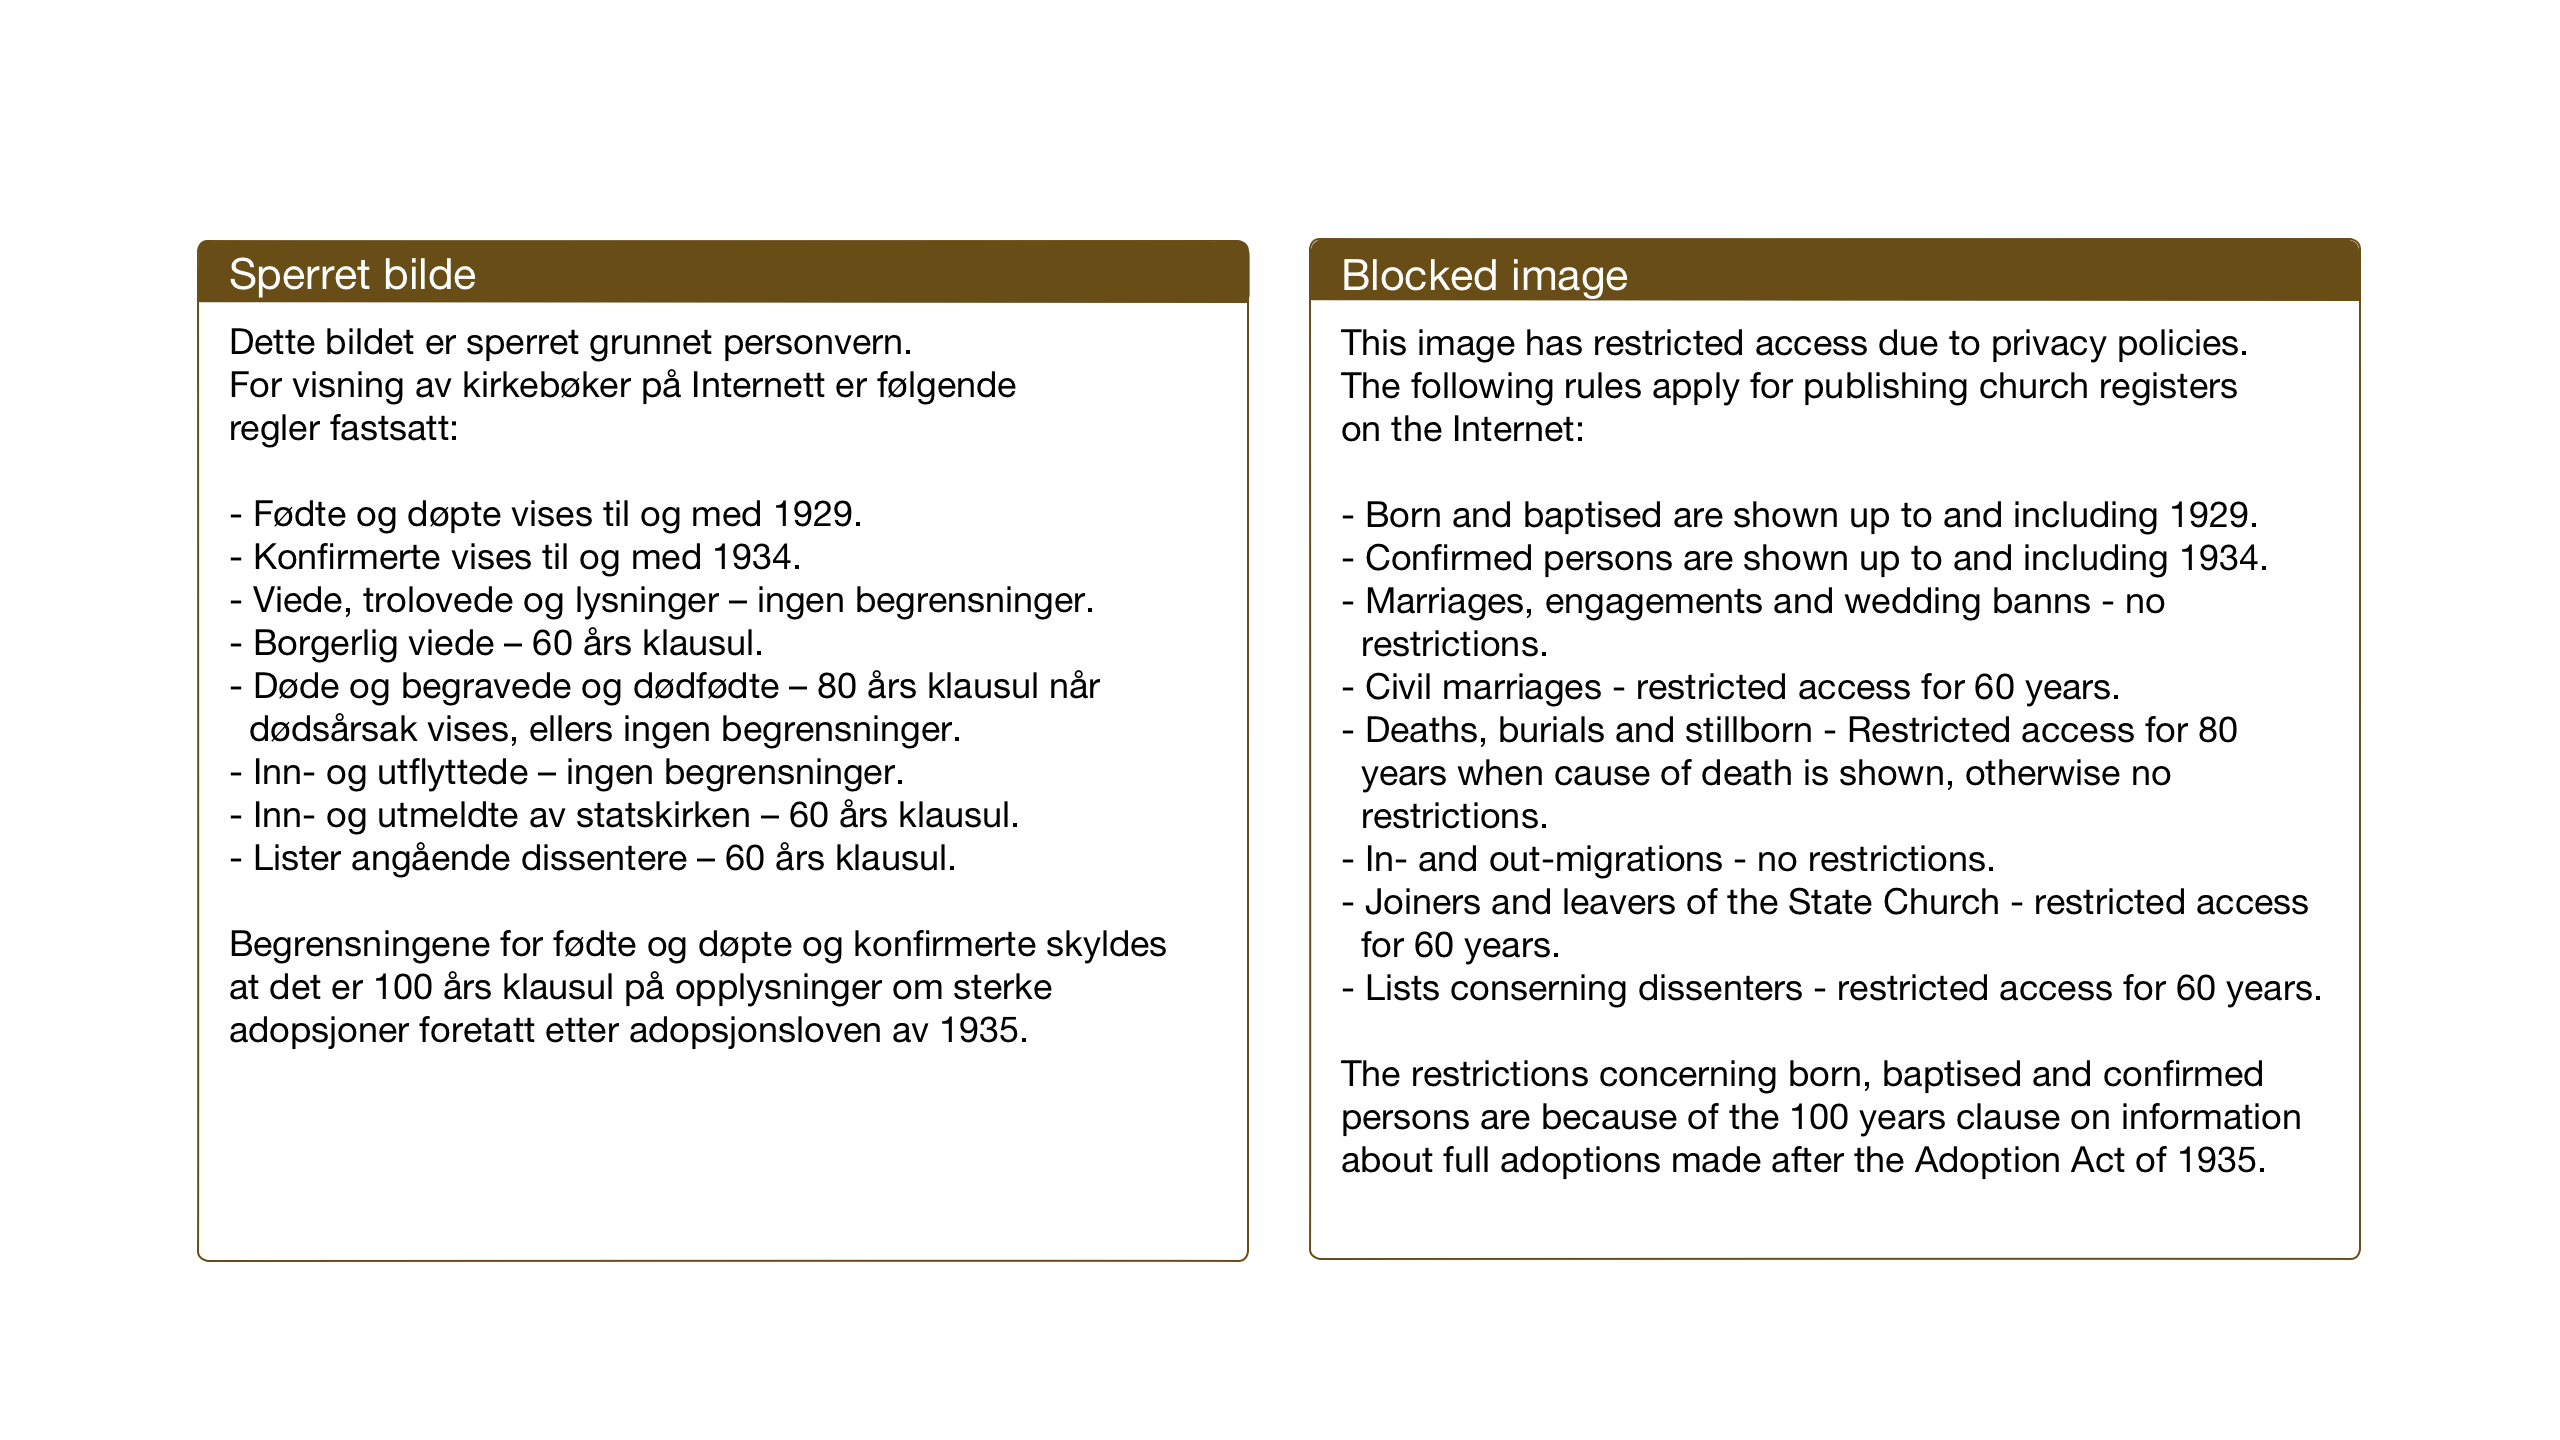 SAT, Ministerialprotokoller, klokkerbøker og fødselsregistre - Sør-Trøndelag, 669/L0832: Klokkerbok nr. 669C02, 1925-1953, s. 161